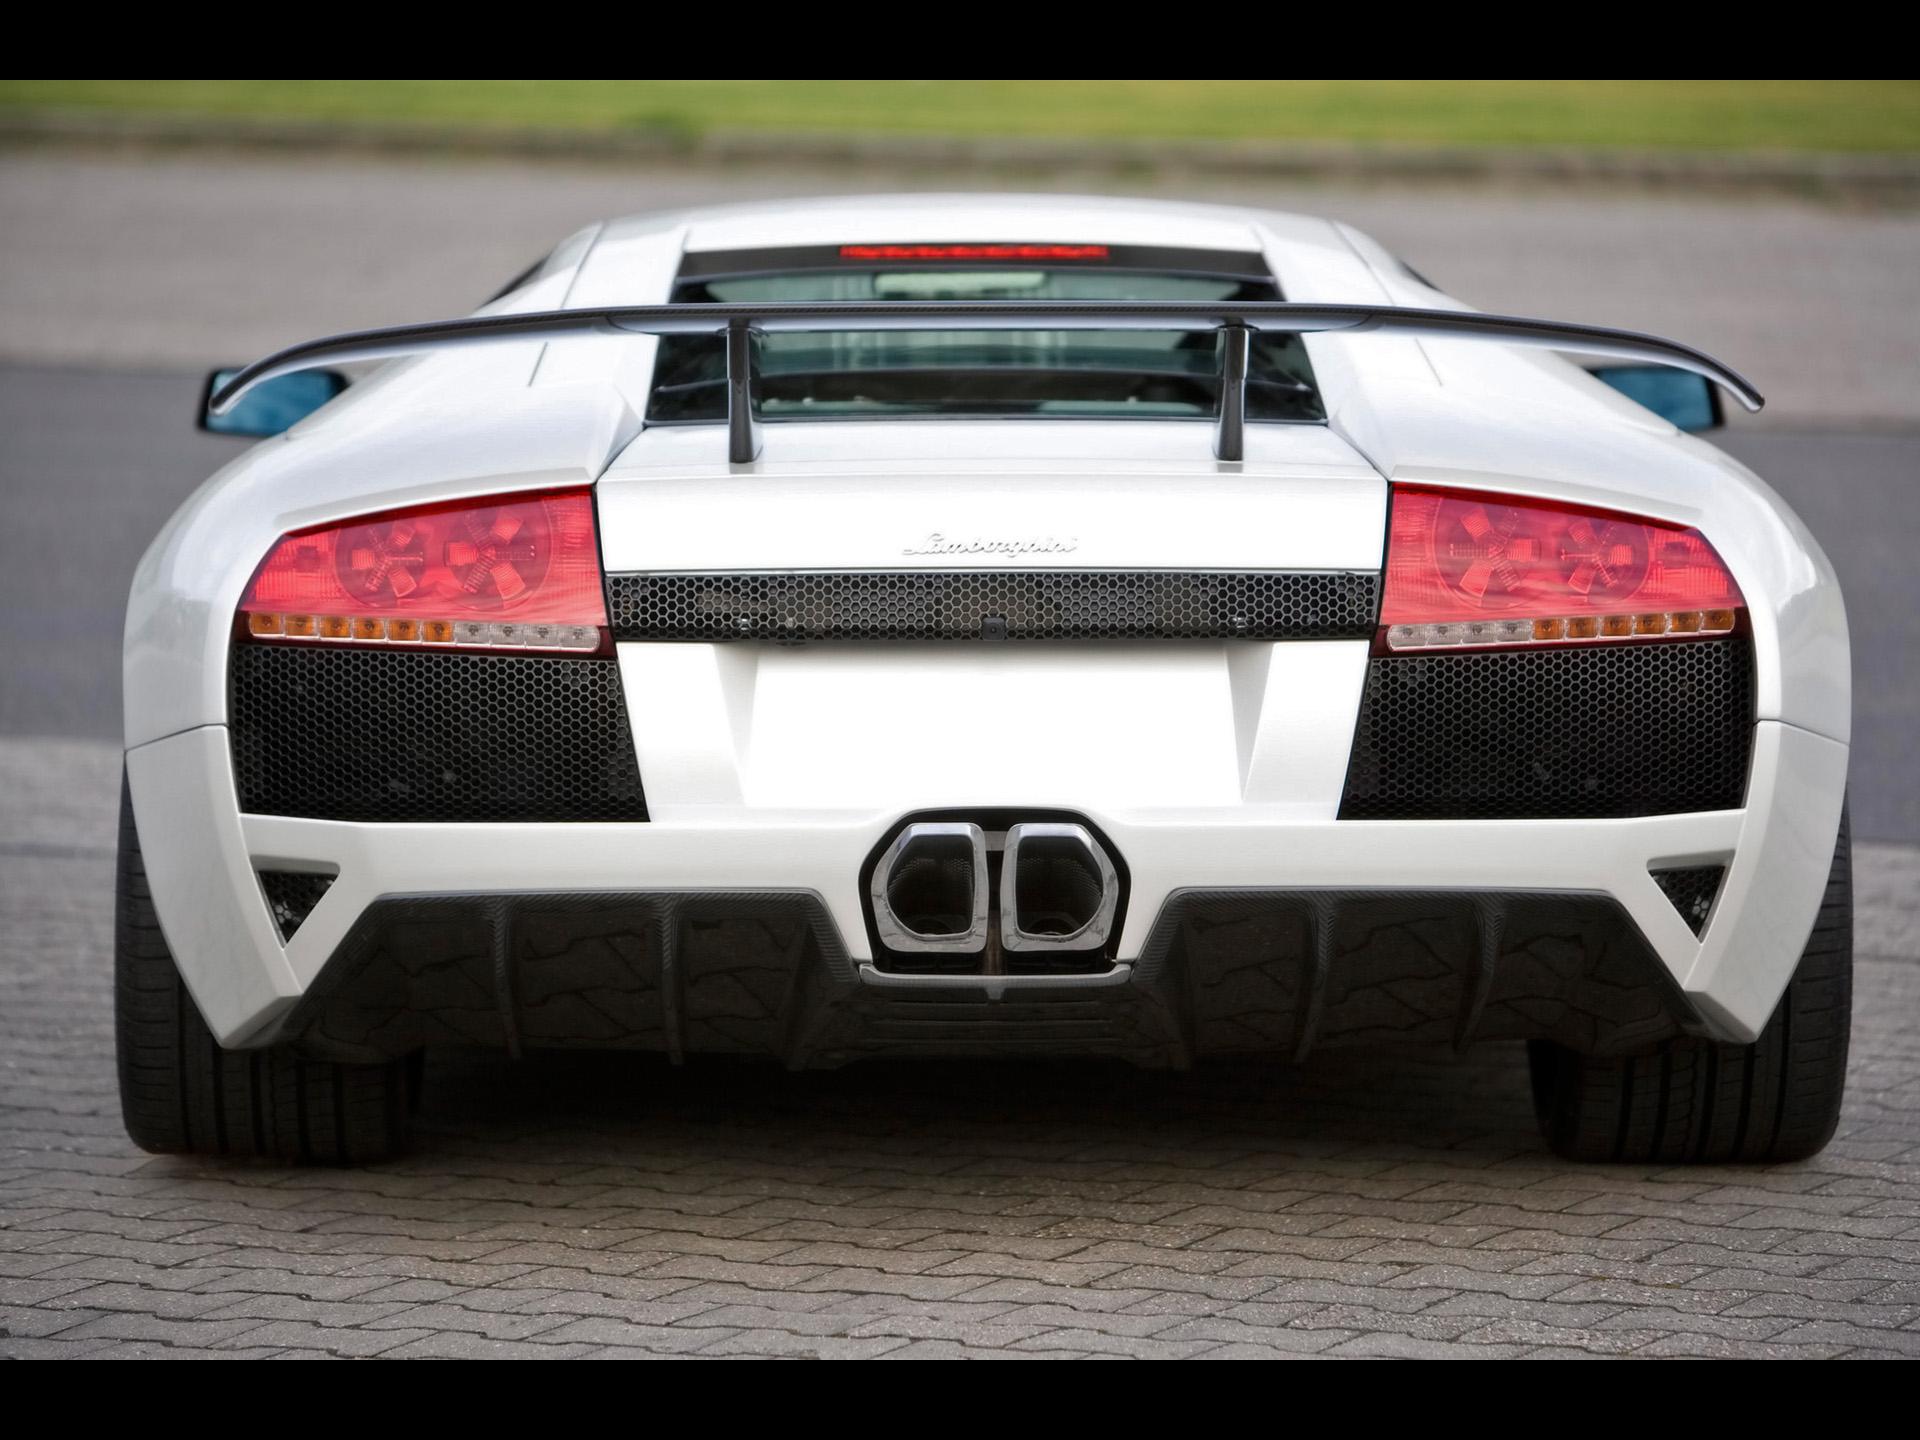 Cars Lamborghini Backview Women Vehicles Wallpaper 1920x1440